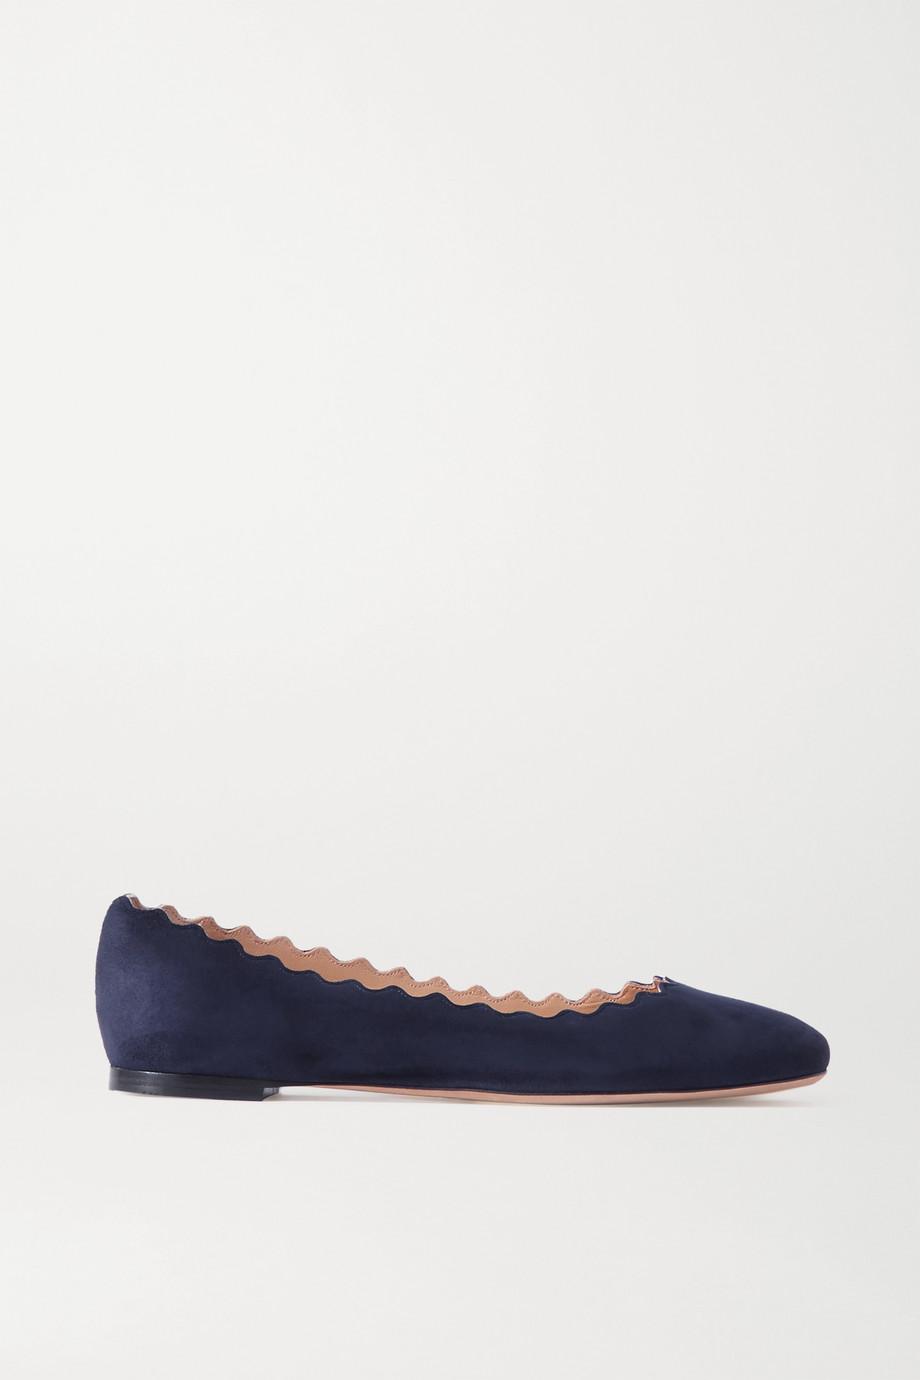 Chloé Lauren 扇贝边绒面革芭蕾平底鞋